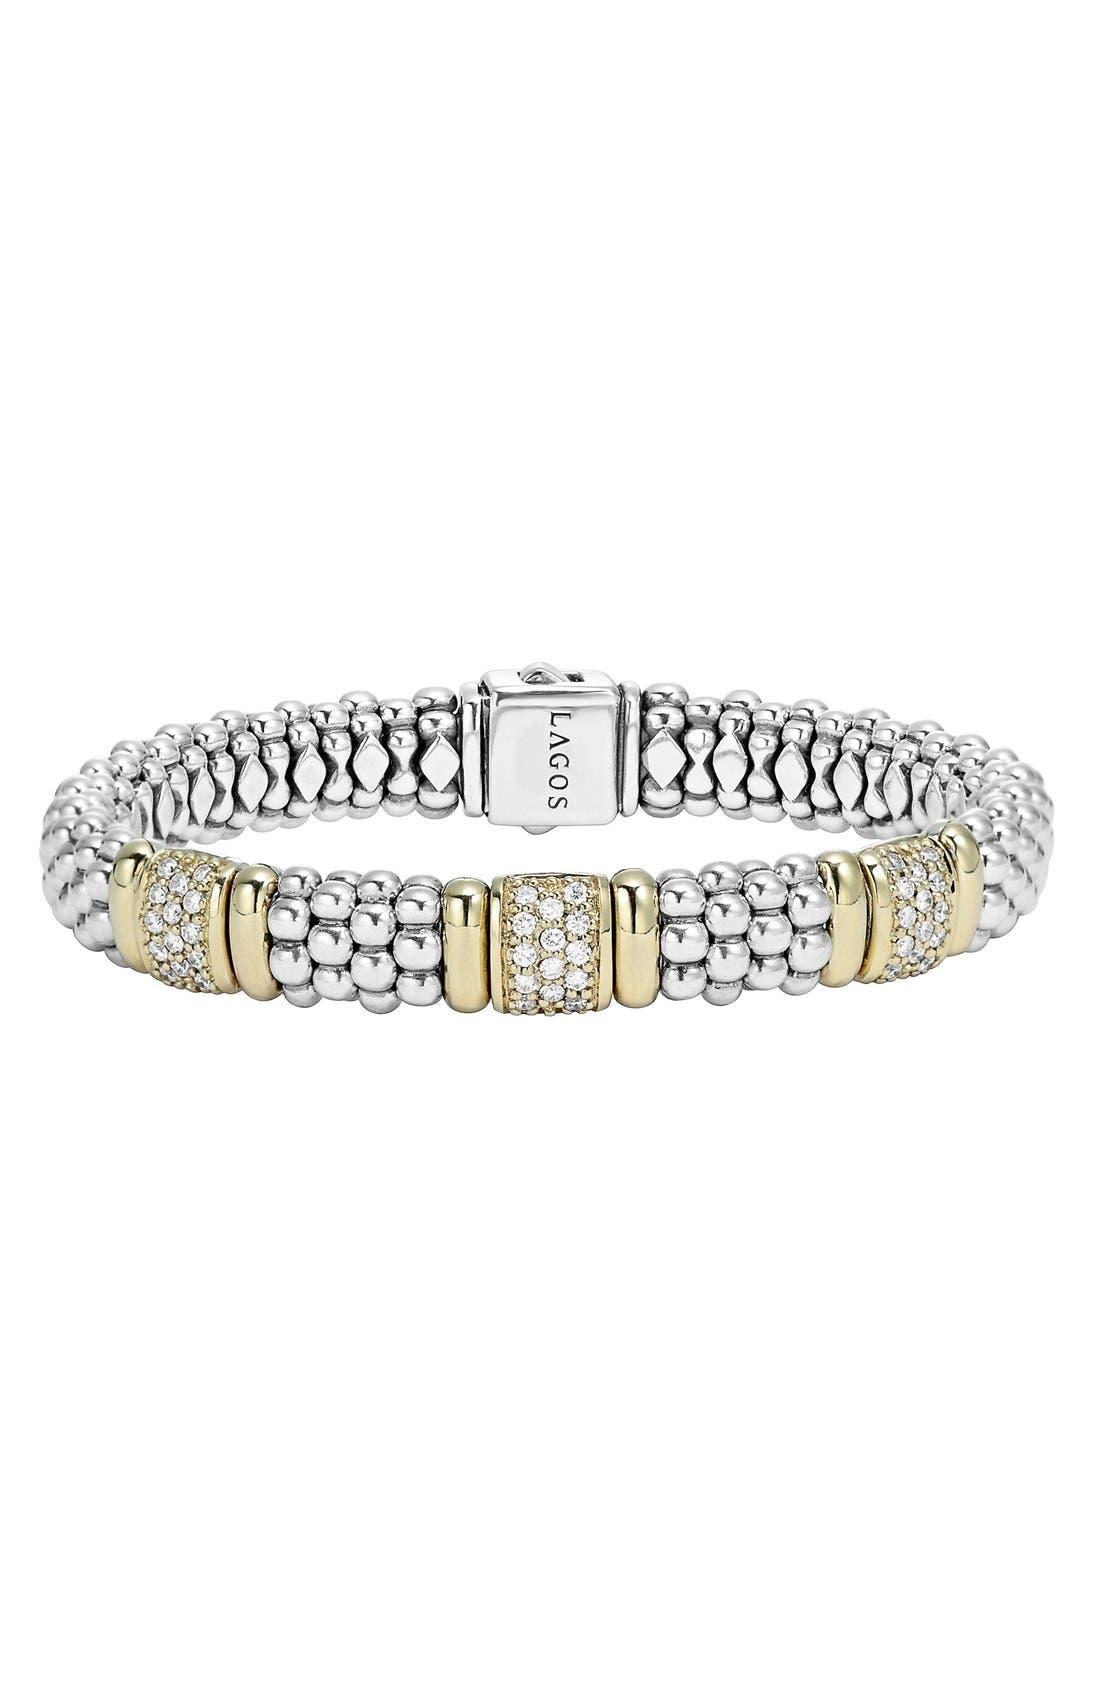 LAGOS 'Caviar' Diamond Station Bracelet